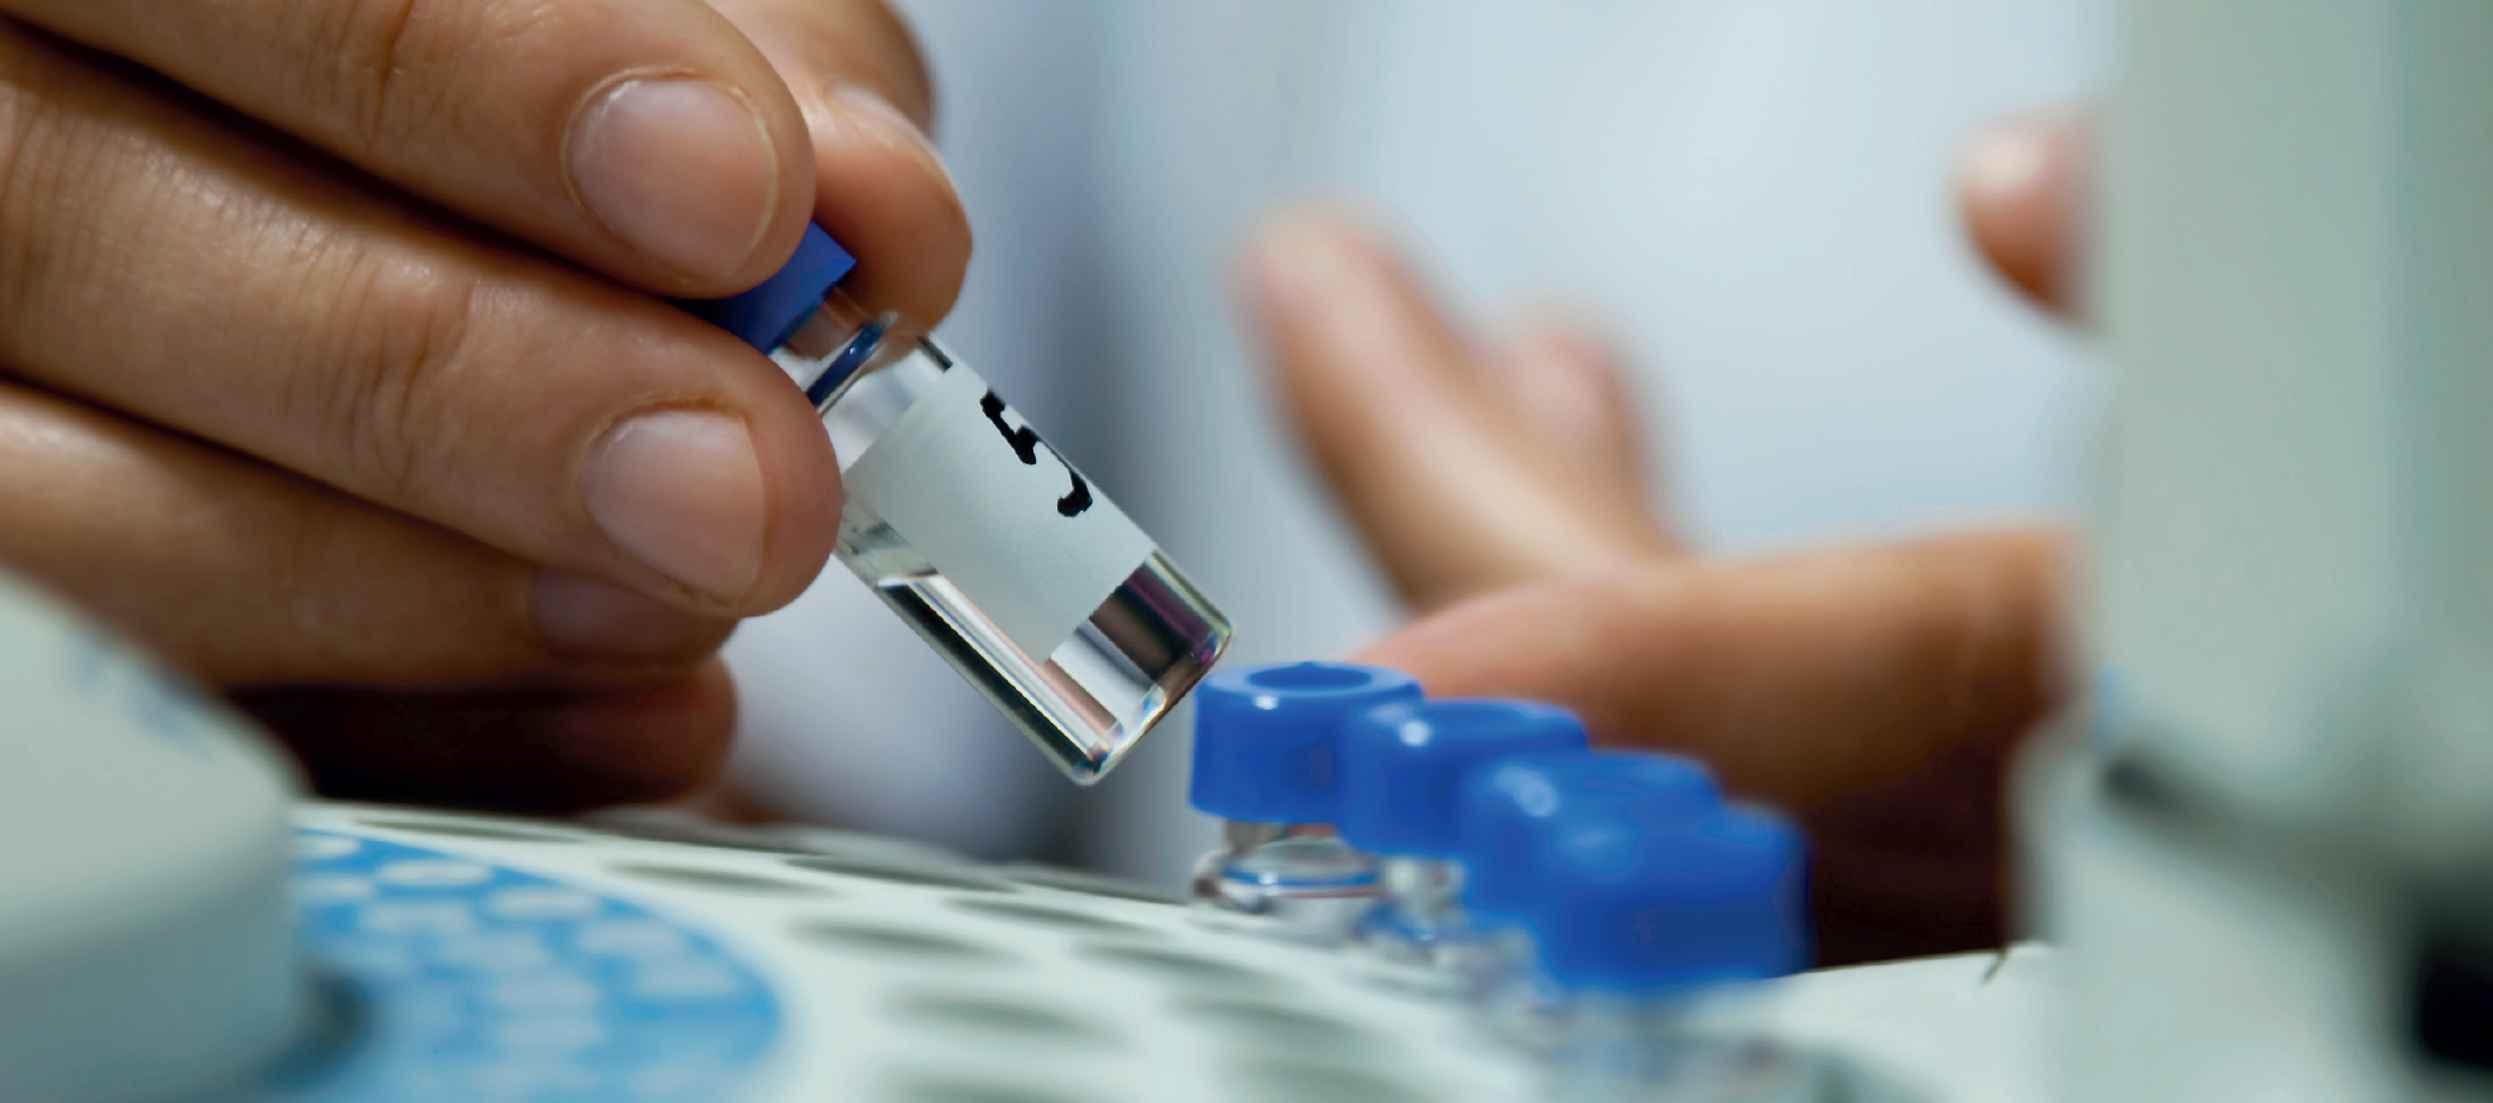 独特的GC小瓶液体采样器是实验室直接分析安全选择的解决方案